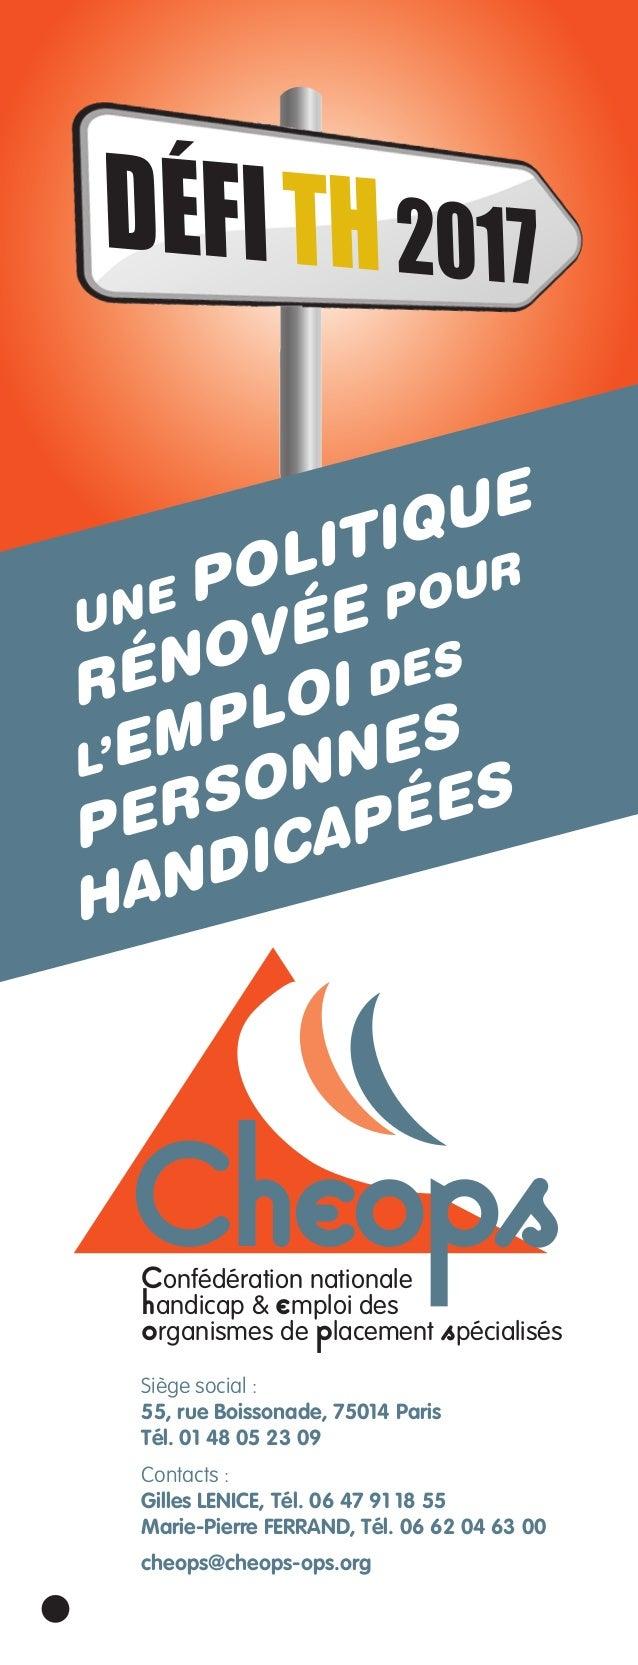 UNE POLITIQUE RÉNOVÉE Pour L'EMPLOI DES PERSONNES HANDICAPÉES DÉFITH2017 CheopsConfédération nationale handicap & emploi d...